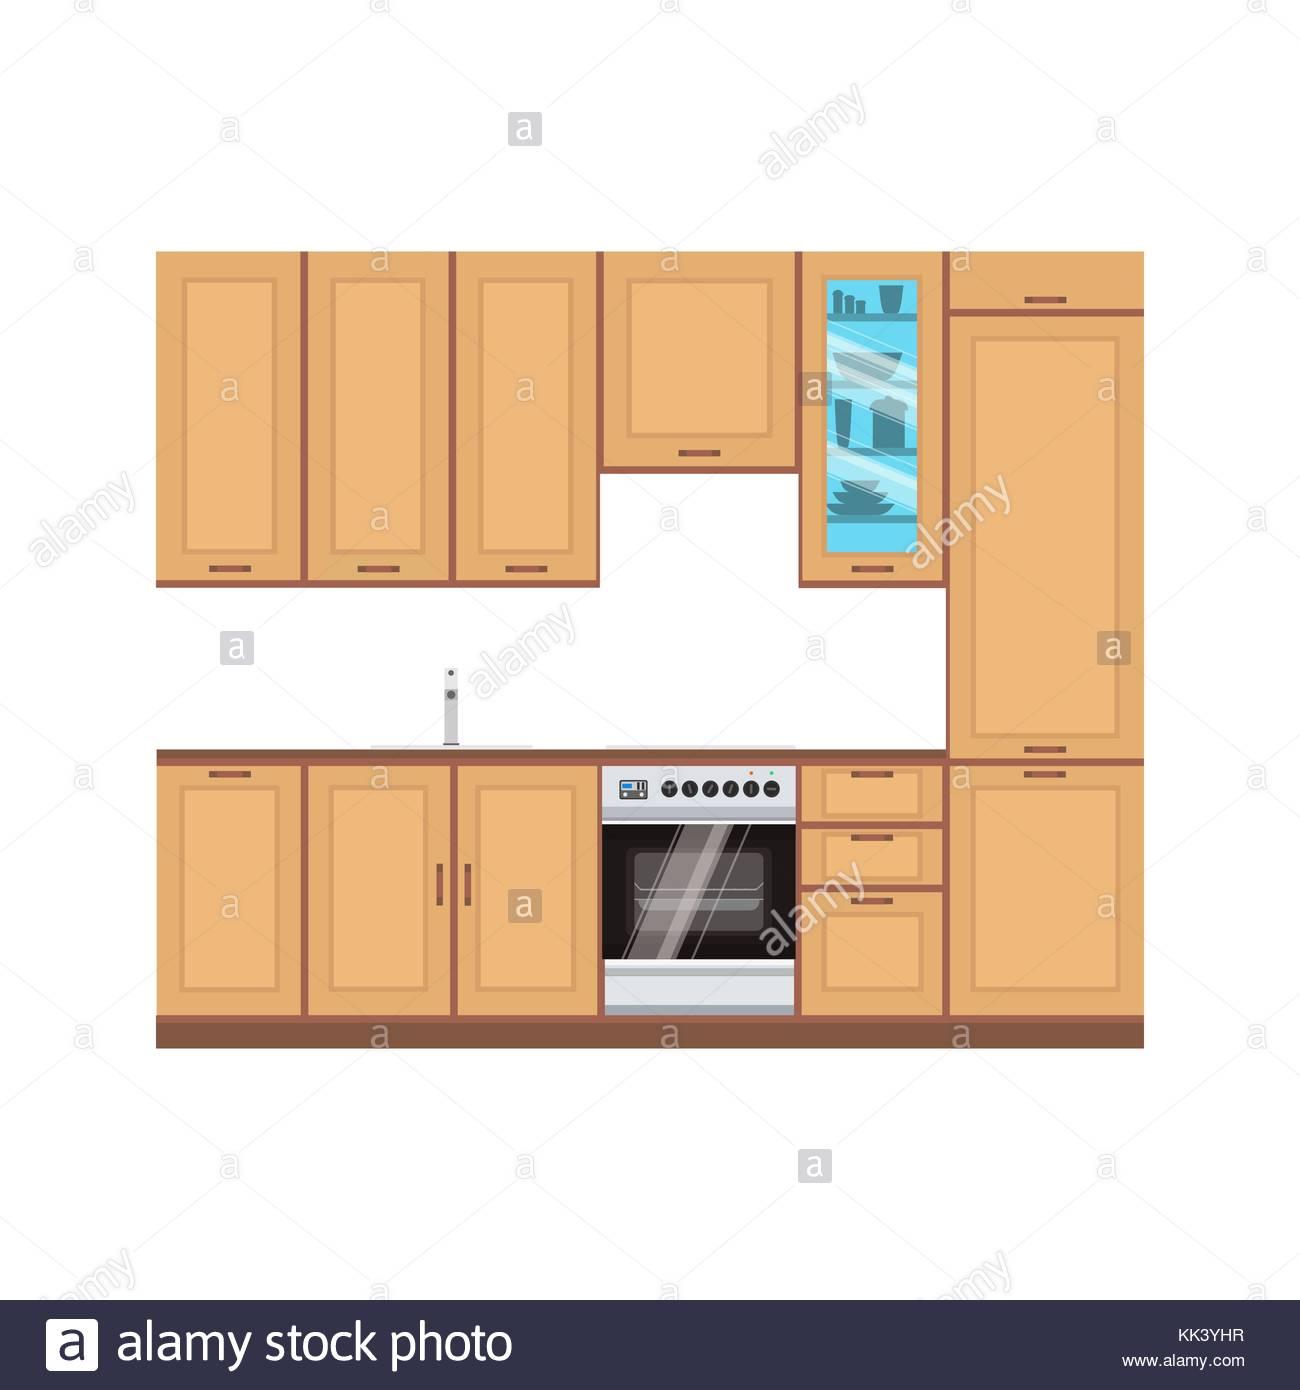 Cocina interiores de diseño vectorial ilustración moderna habitación ...